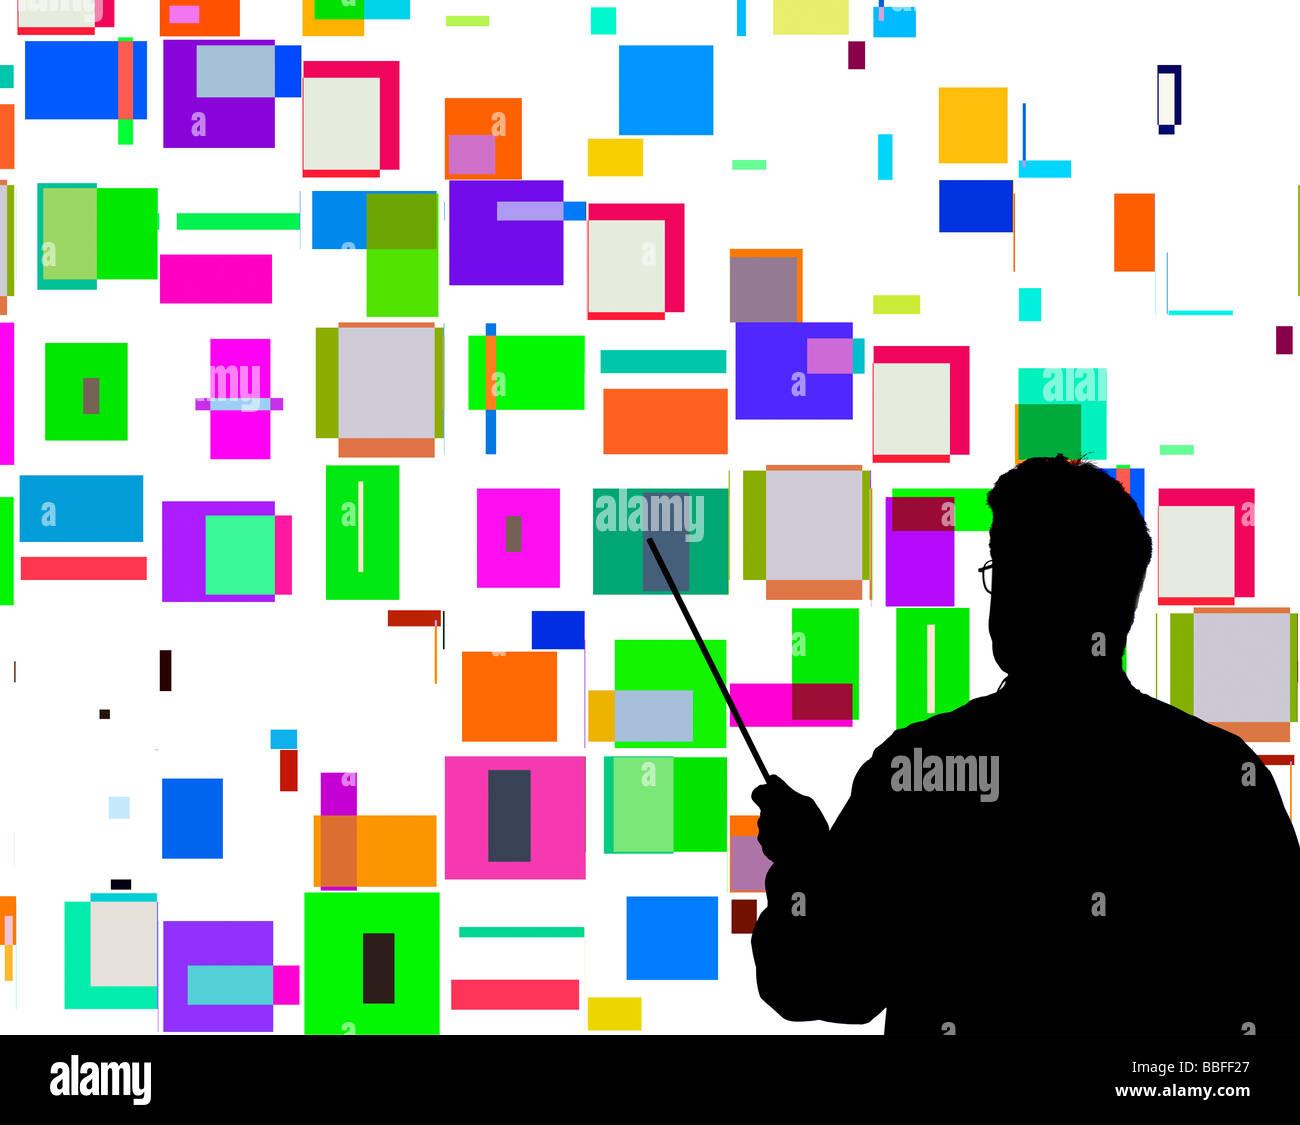 Maestro muestra un patrón similar generado por ordenador al estilo de Piet Mondrian Imagen De Stock